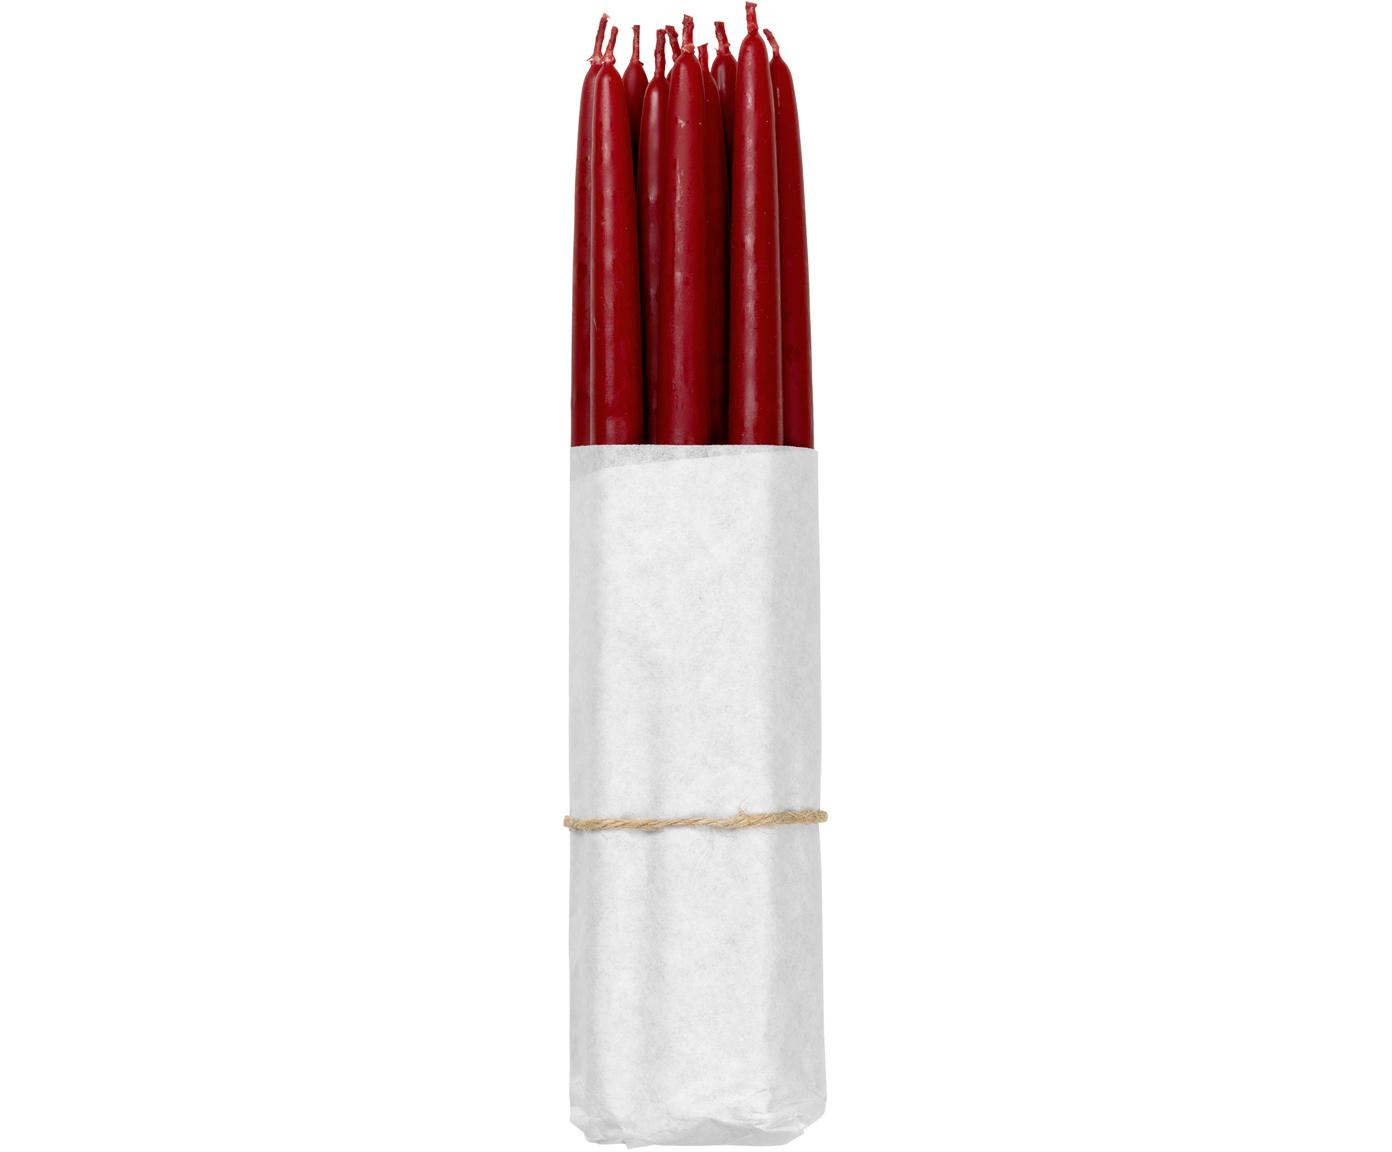 Candela a bastone Loka 10 pz, Cera, Vino rosso, Ø 1 x Alt. 21 cm